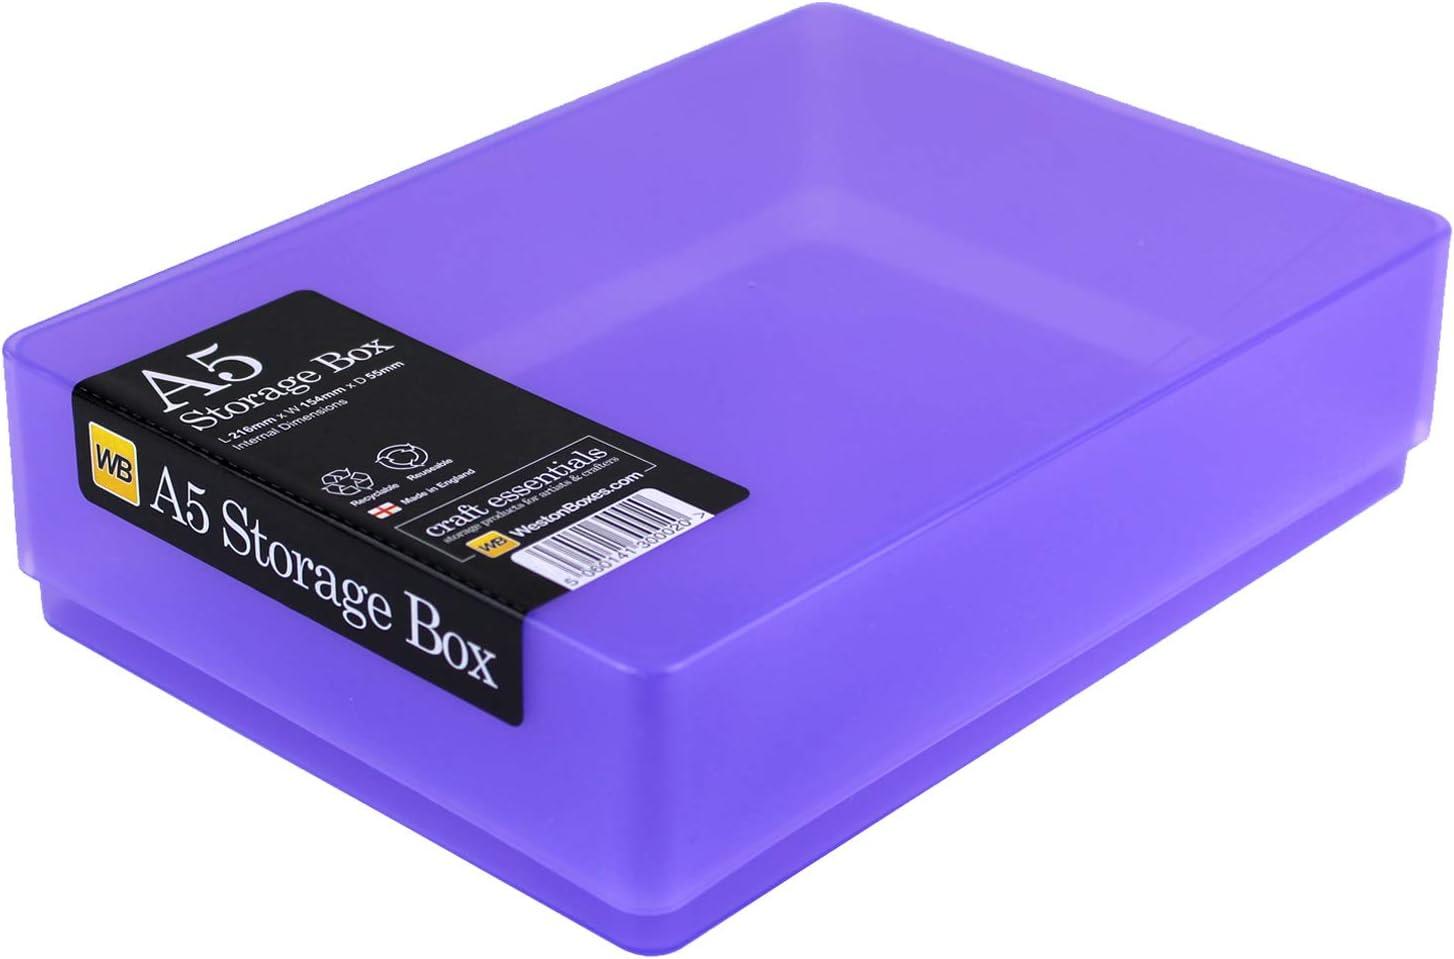 WestonBoxes Aufbewahrungsbox aus Kunststoff f/ür 500 Blatt 216x154x66mm DIN A5 Rot, 5 St/ück